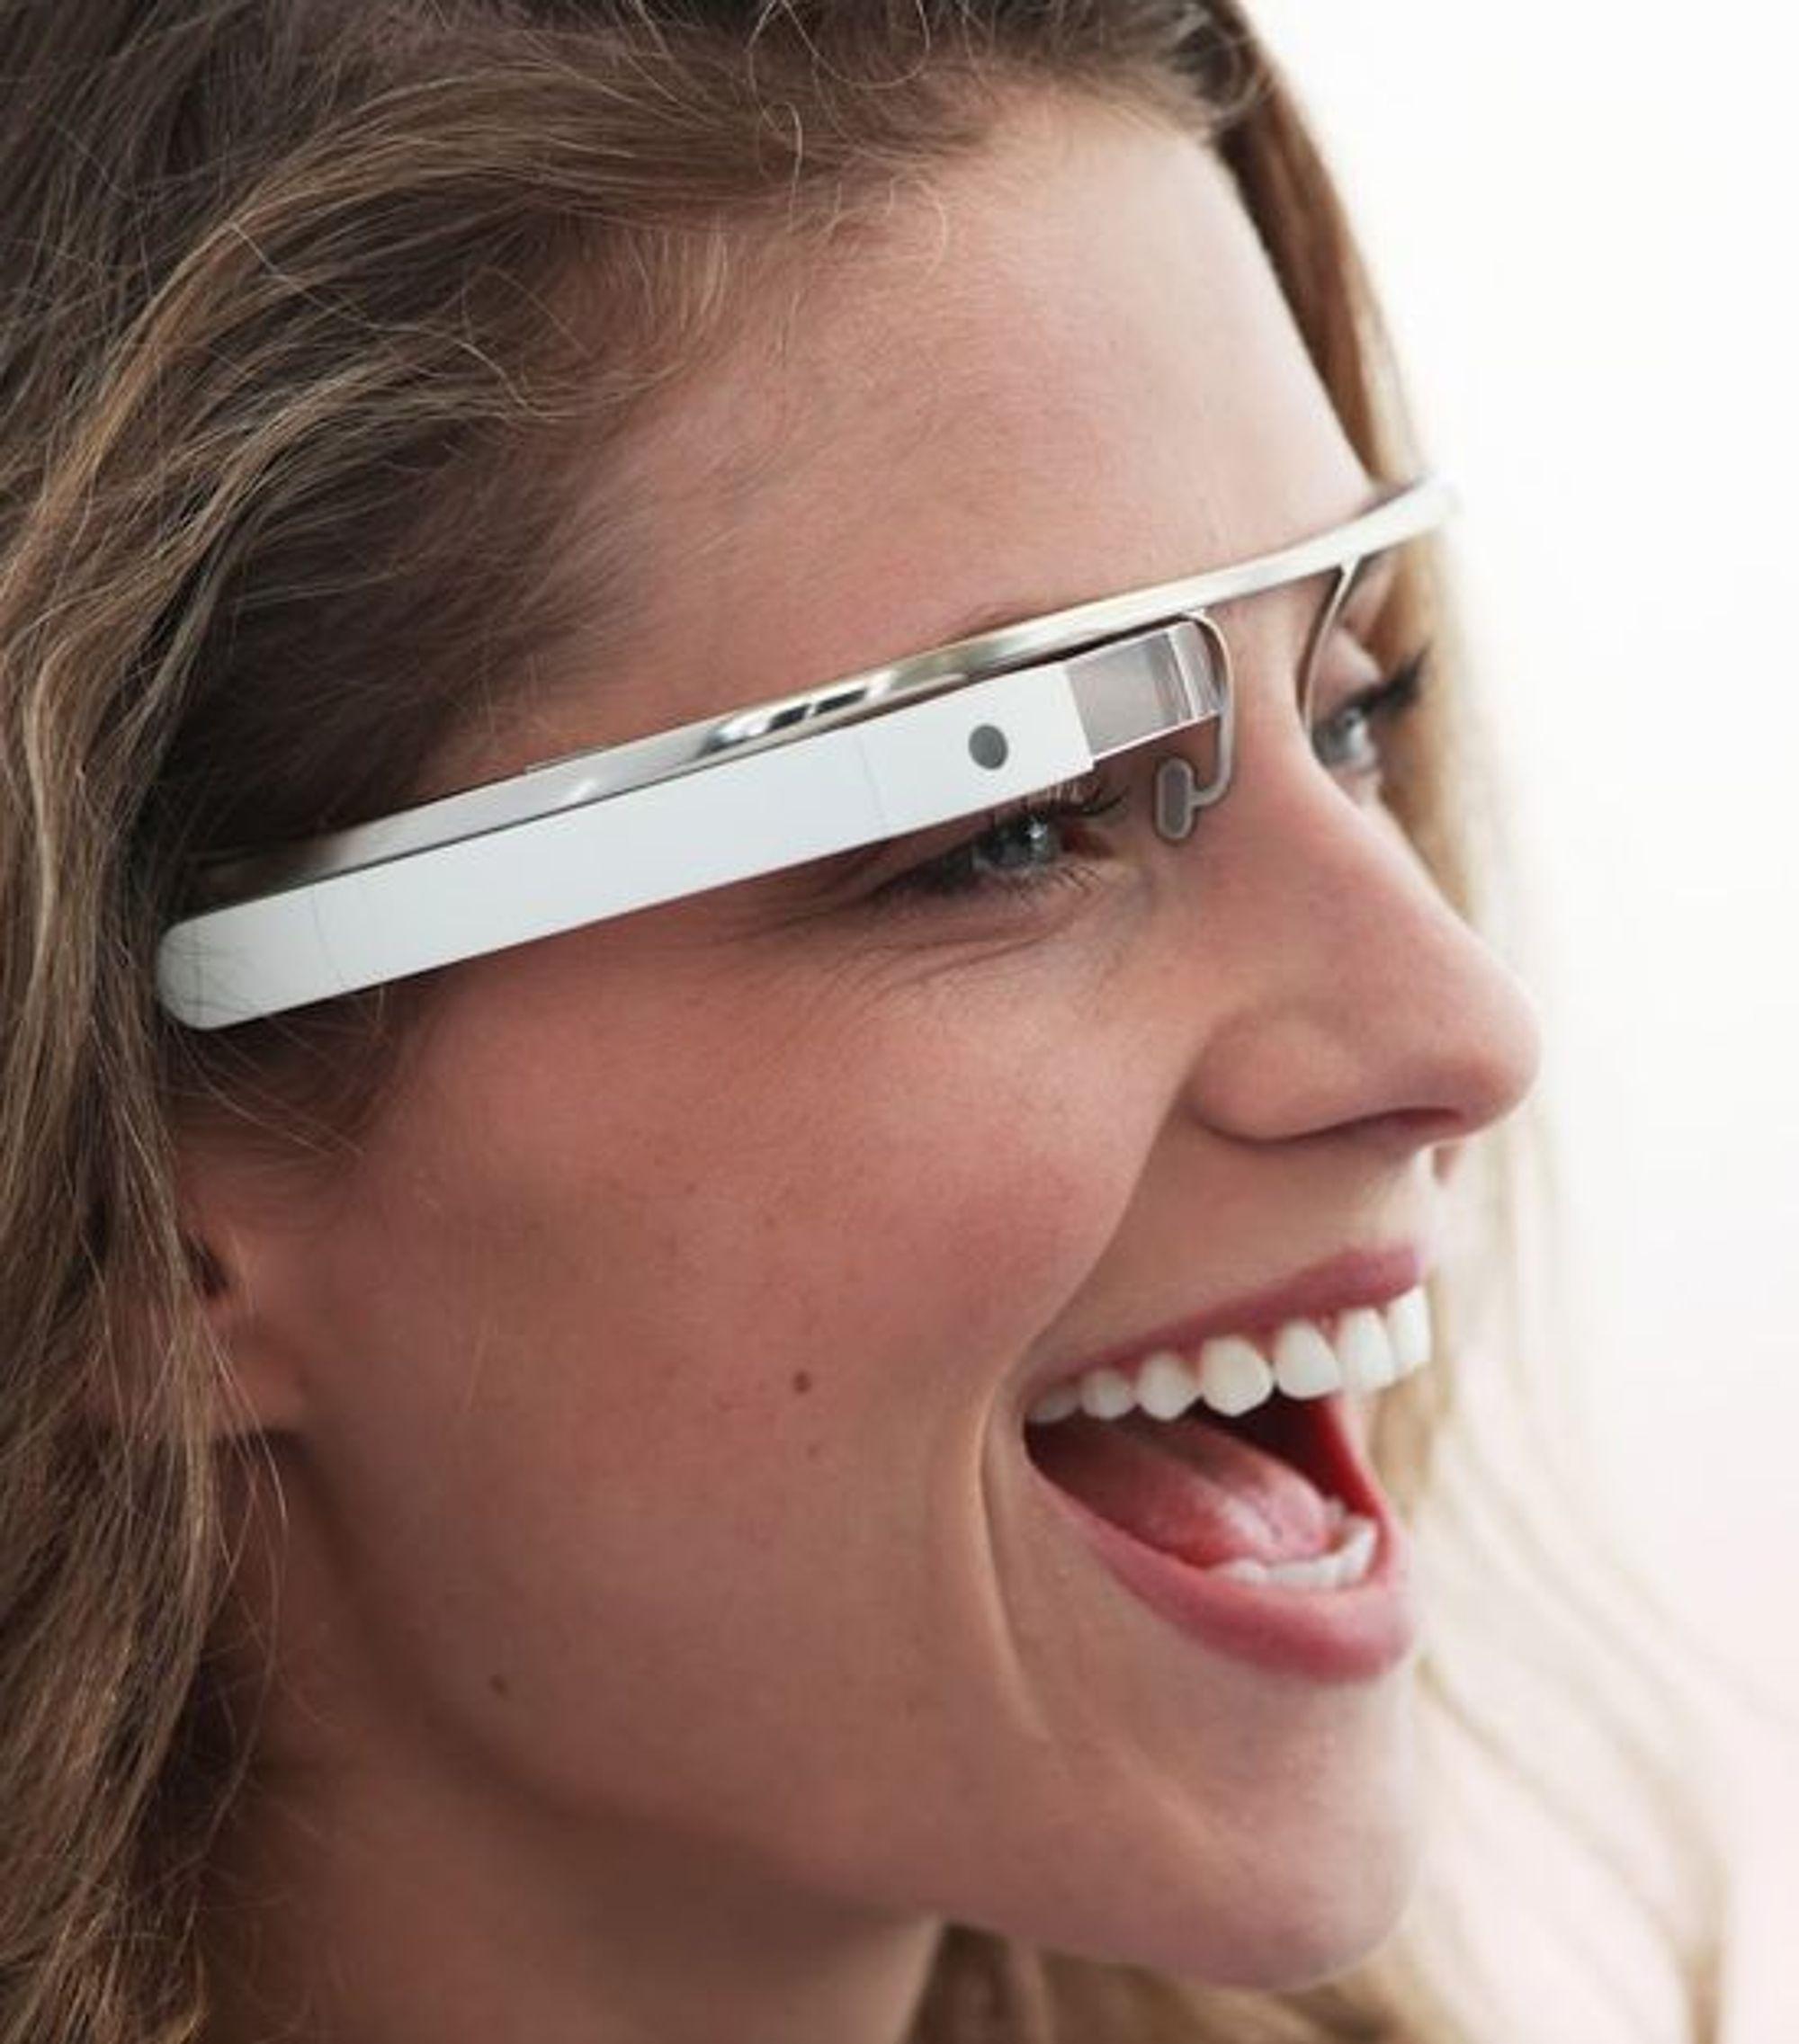 Designstudie av hvordan Google-brillene kan bli seende ut.